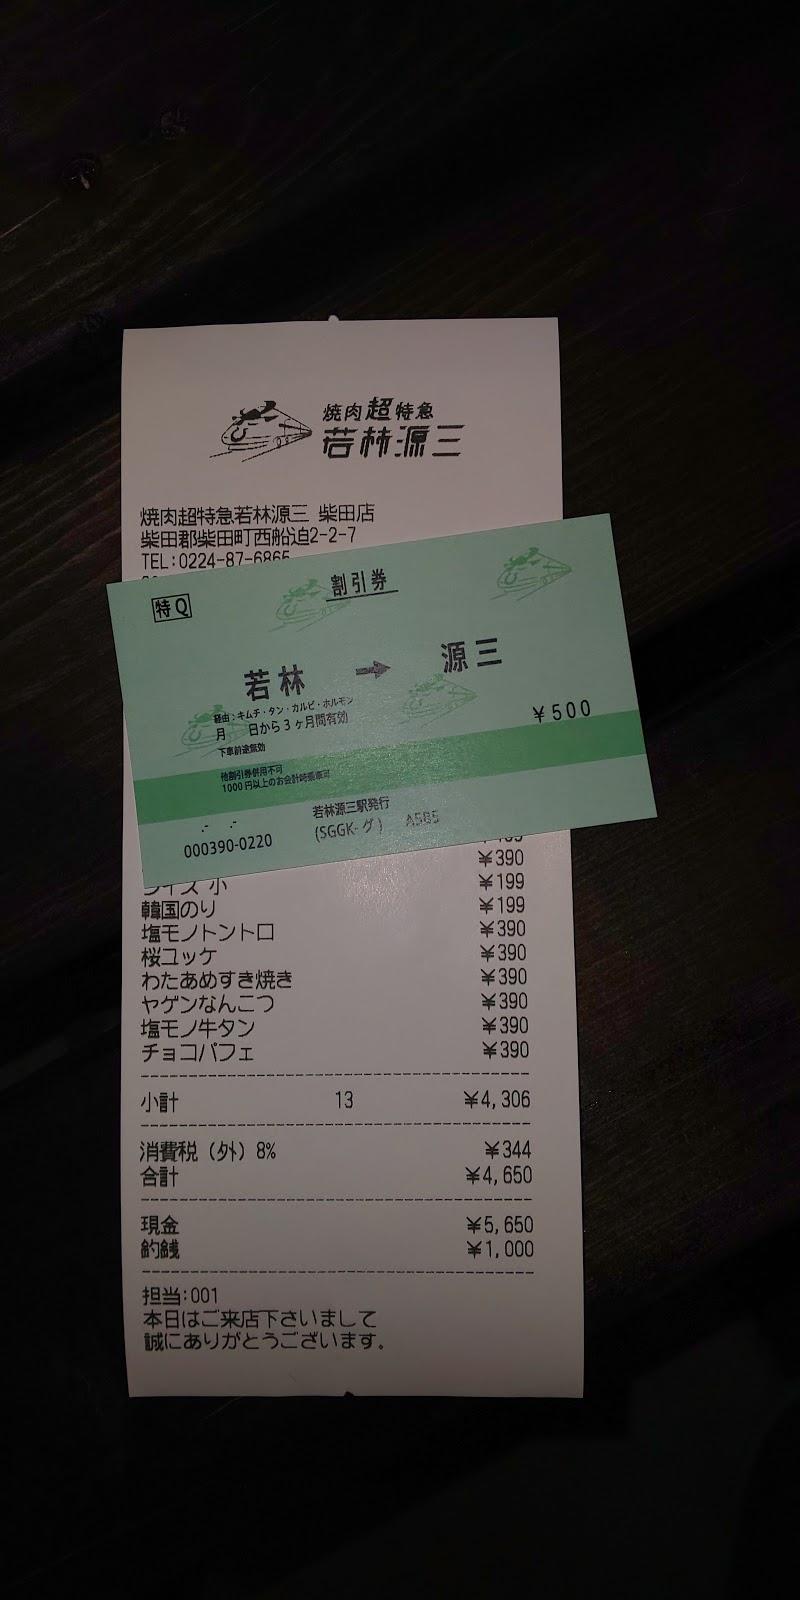 若林 源 三 柴田